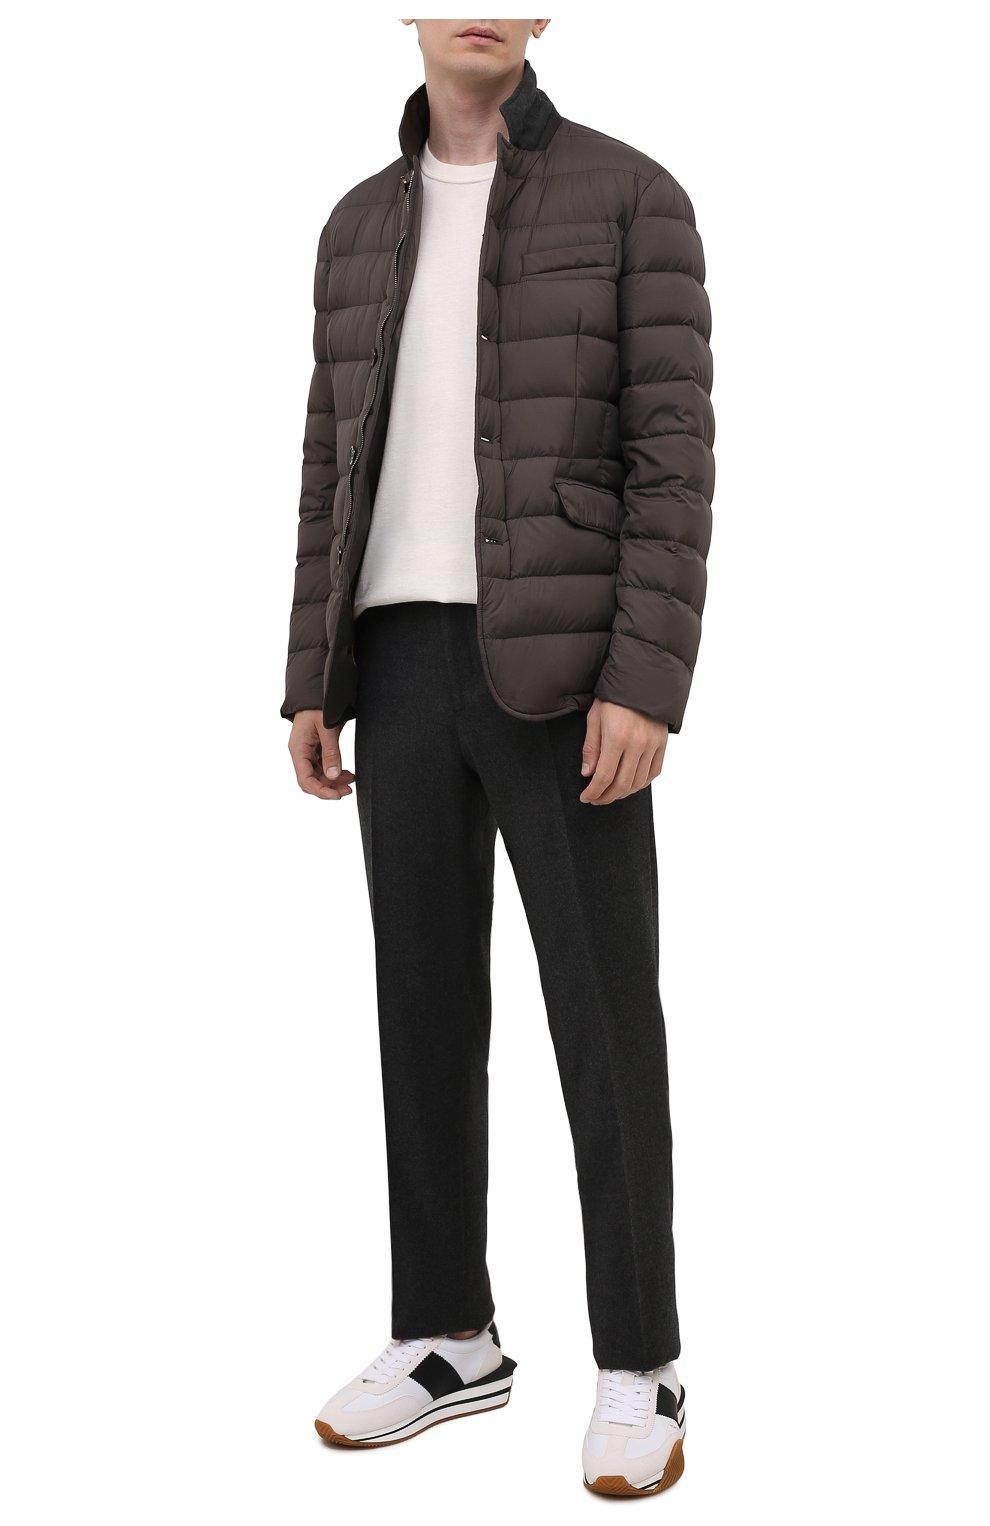 Мужская пуховая куртка zayn-op MOORER коричневого цвета, арт. ZAYN-0P/M0UGI100307-TEPA017   Фото 2 (Кросс-КТ: Куртка, Пуховик; Мужское Кросс-КТ: пуховик-короткий; Рукава: Длинные; Материал внешний: Синтетический материал; Материал подклада: Синтетический материал; Длина (верхняя одежда): Короткие; Материал утеплителя: Пух и перо; Стили: Кэжуэл)